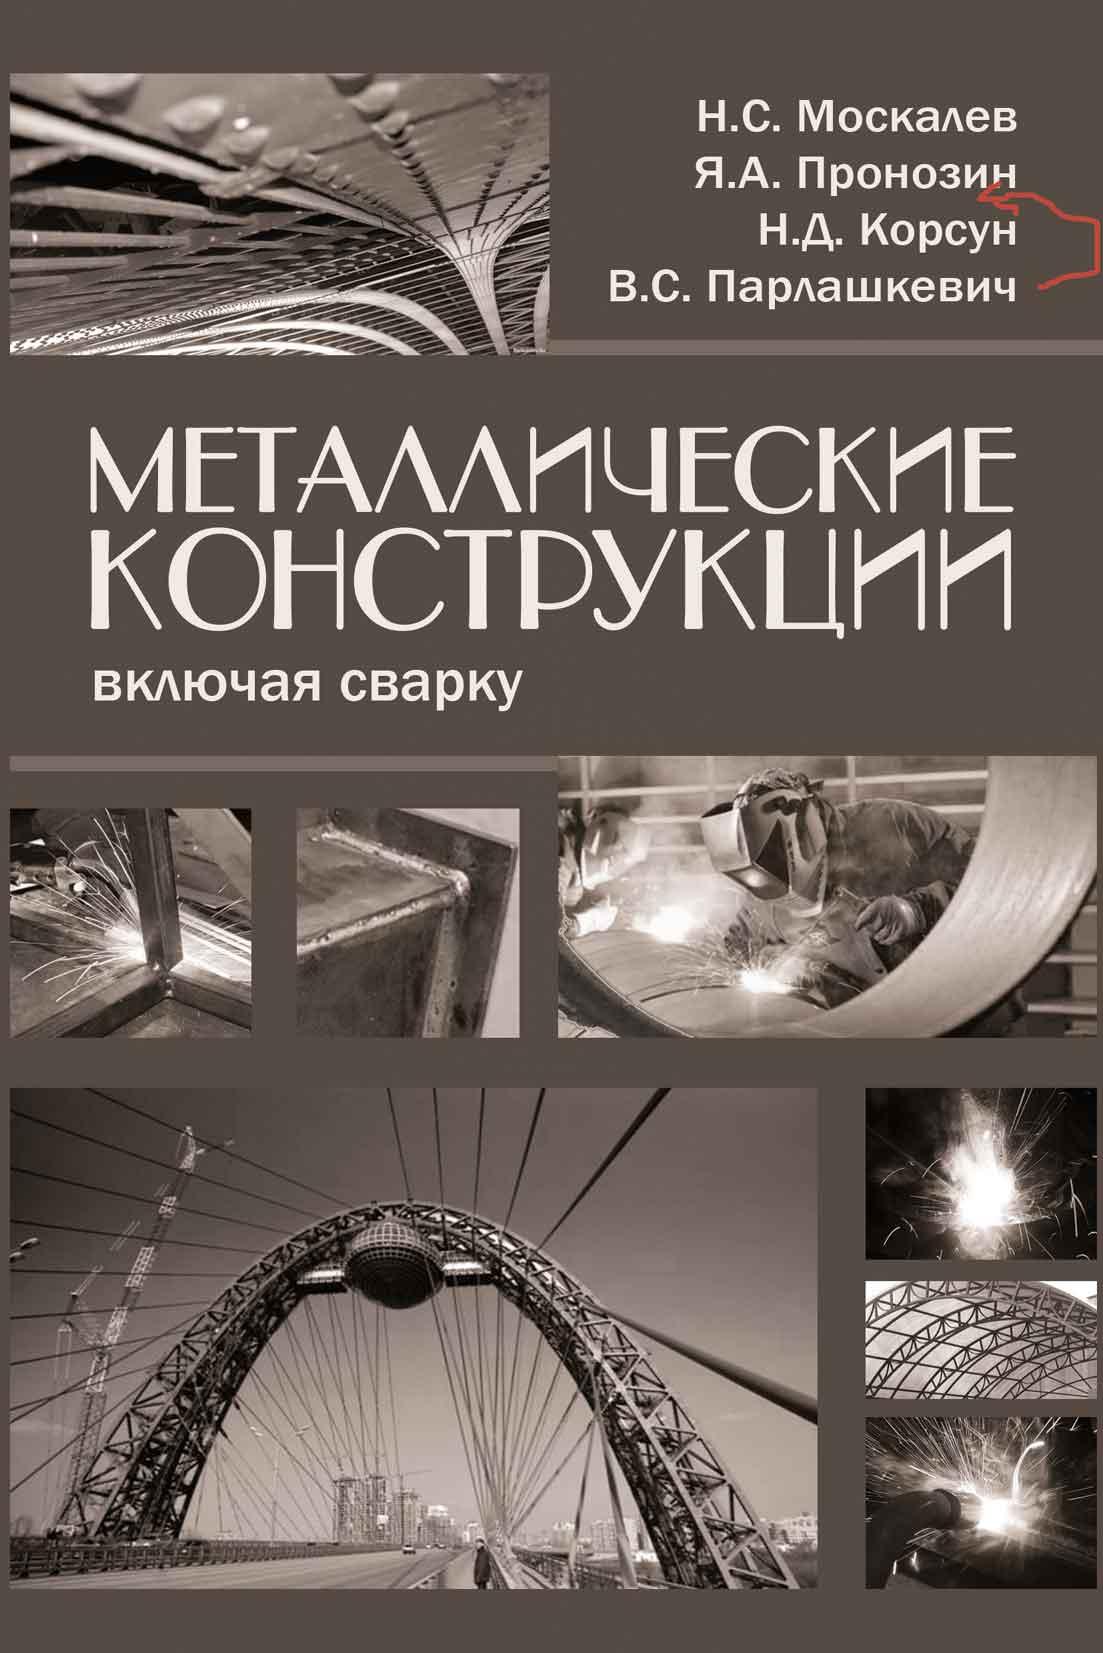 цена В. С. Парлашкевич Металлические конструкции, включая сварку онлайн в 2017 году